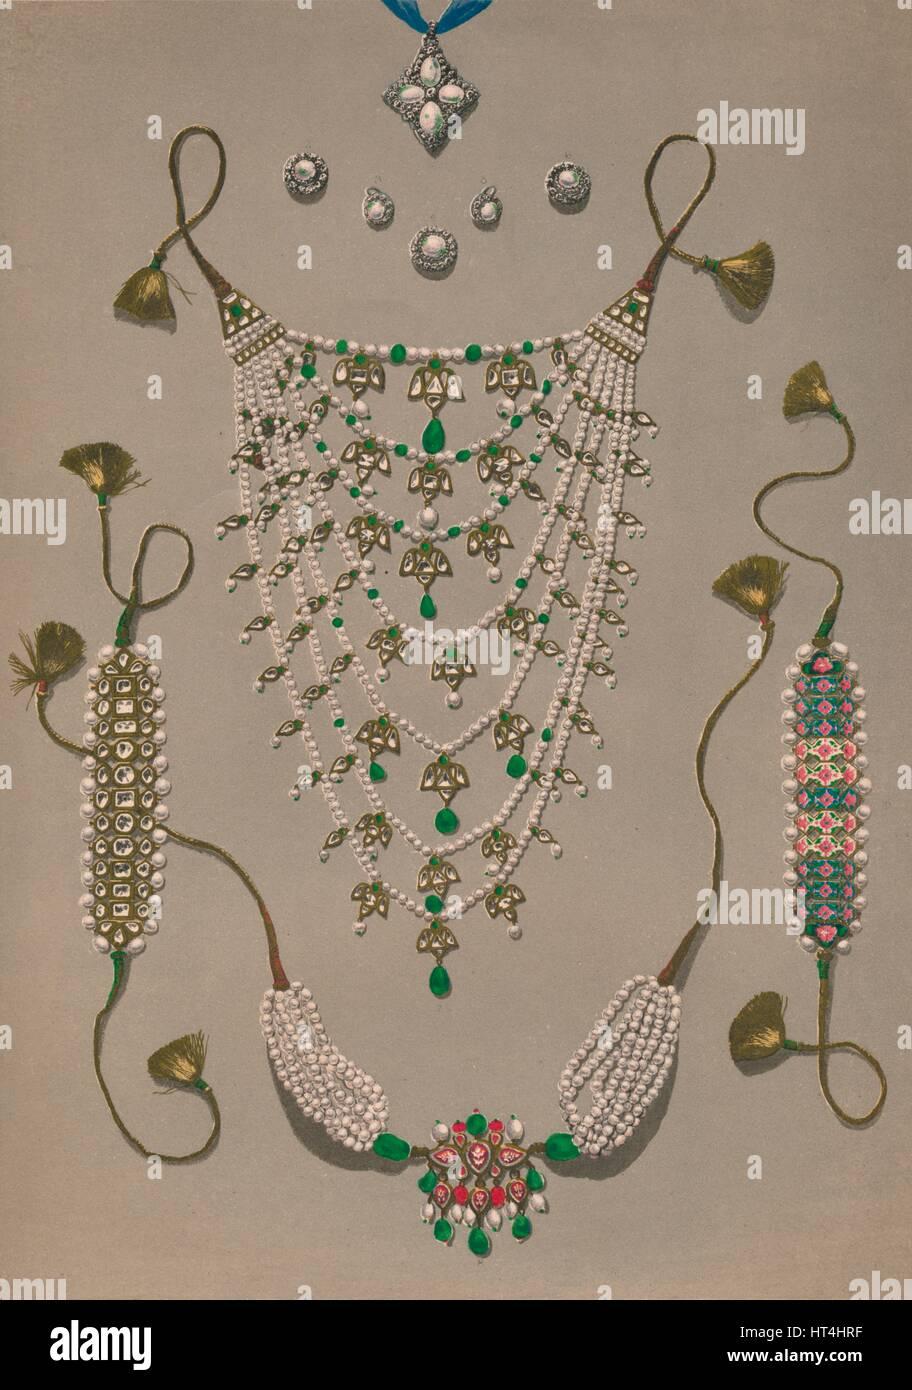 Concept Art Cross Necklace